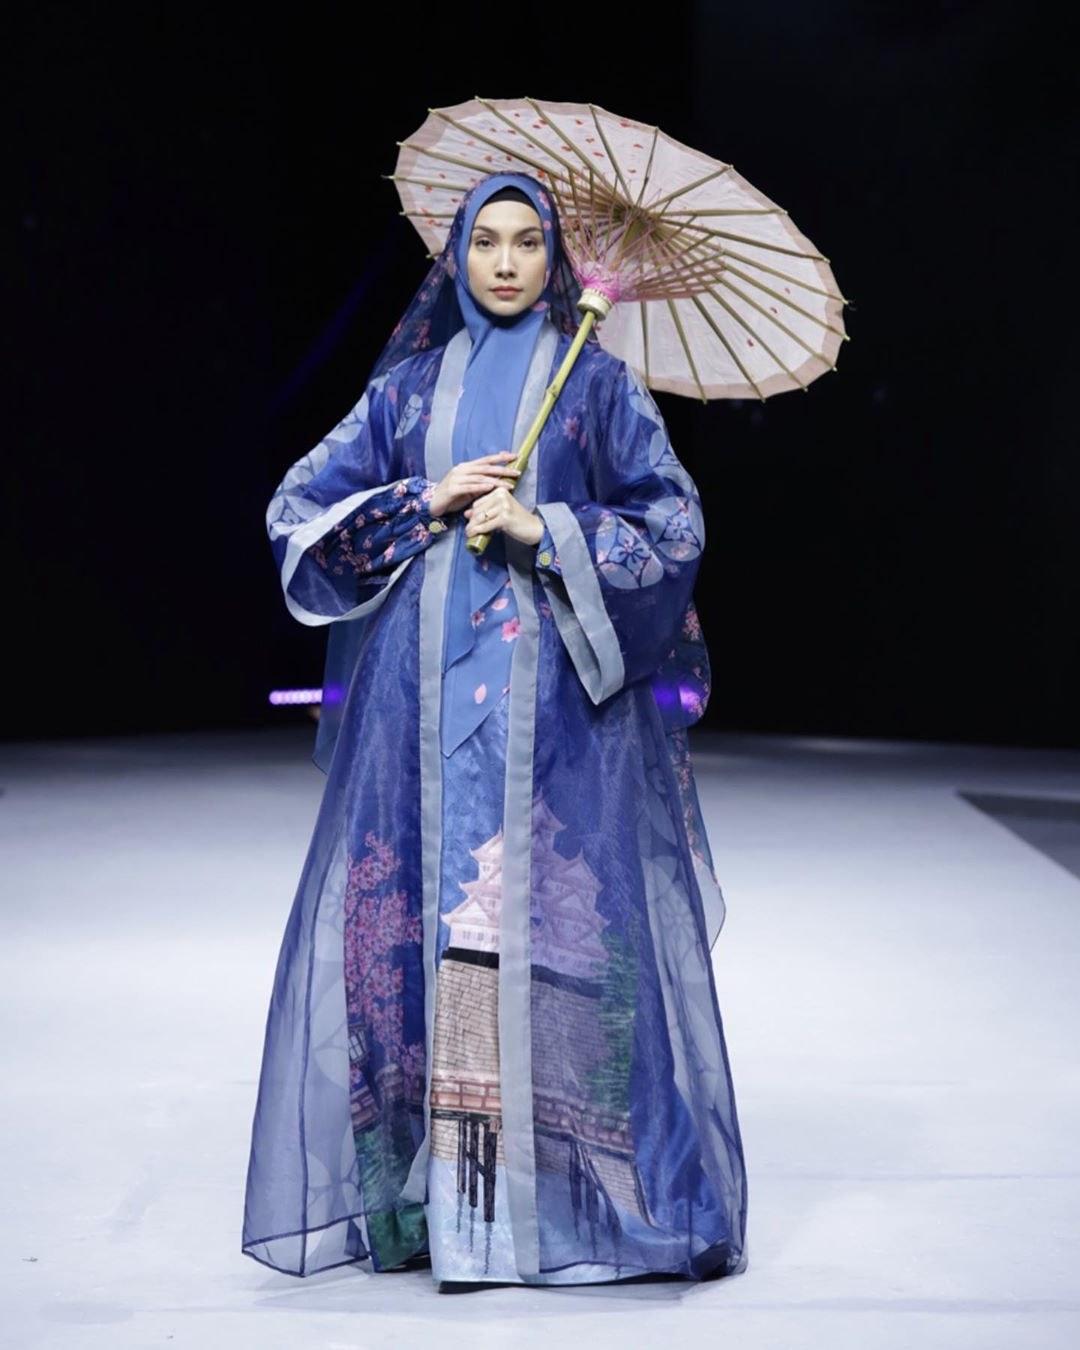 Inspirasi Inspirasi Baju Lebaran 2020 Dddy Inspirasi Model Baju Lebaran 2020 Dari Para Desainer